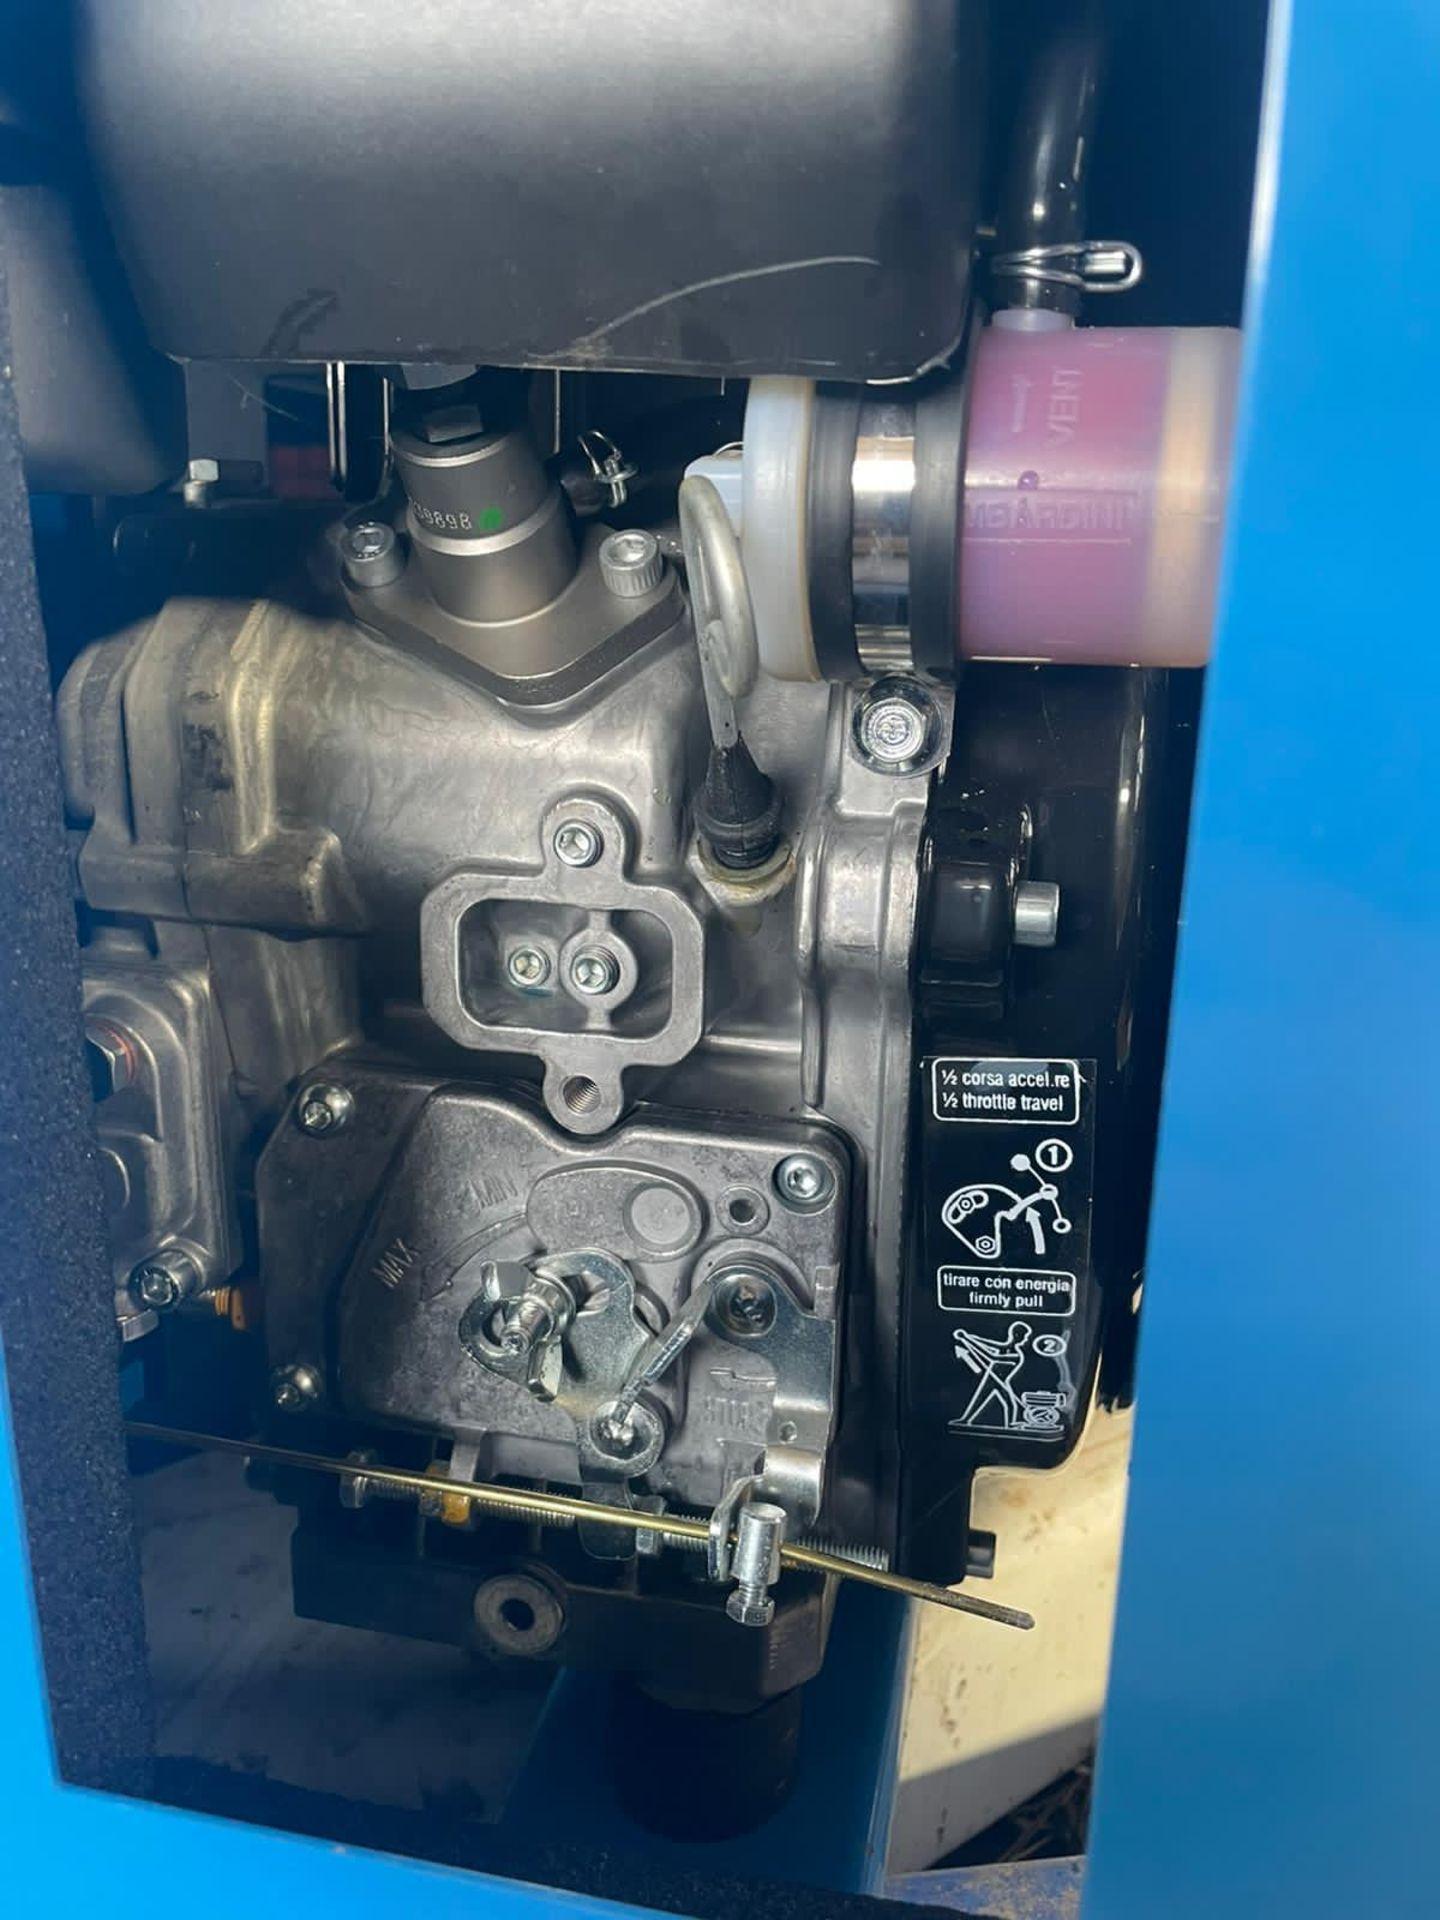 NEW AND UNUSED HARRINGTON 2.6KvA DIESEL GENERATOR, LOMBARDINI DIESEL ENGINE, 115V OR 230V *PLUS VAT* - Image 4 of 5